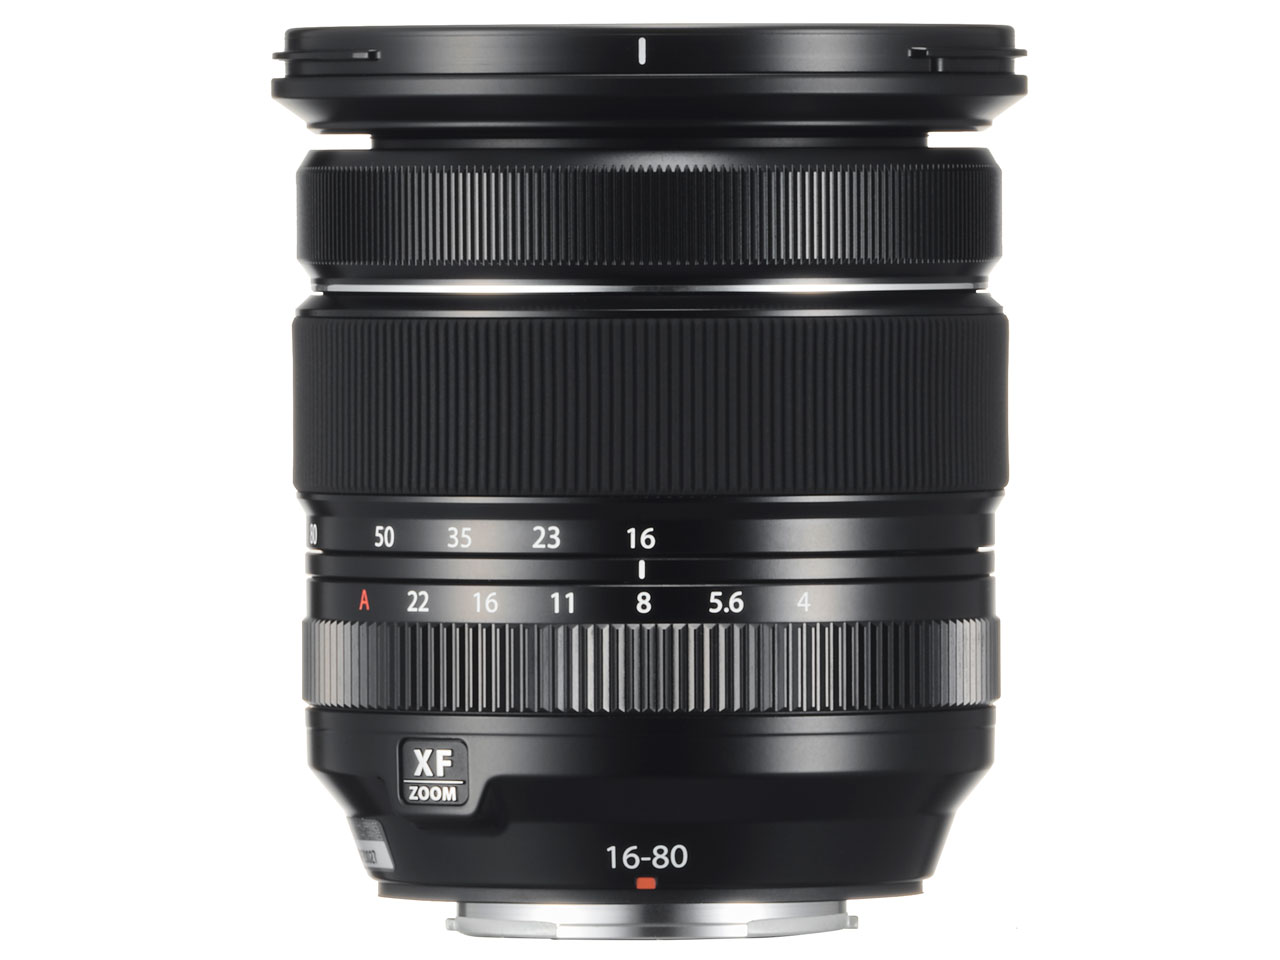 フジノンレンズ XF16-80mmF4 R OIS WR の製品画像